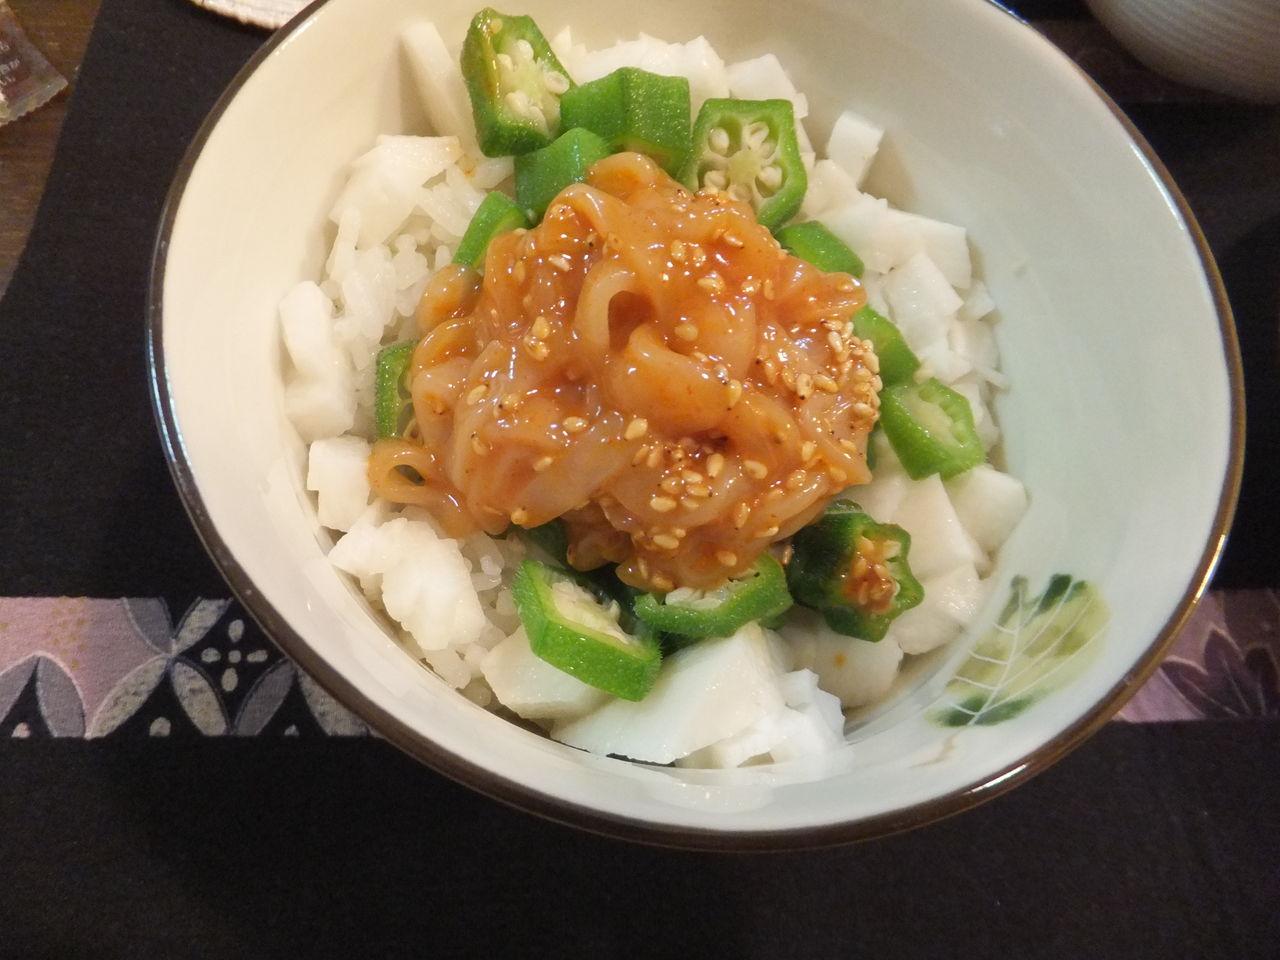 夜ごはん レシピ イカオクラ丼 ねばねばレシピ happy kitchen by yuko